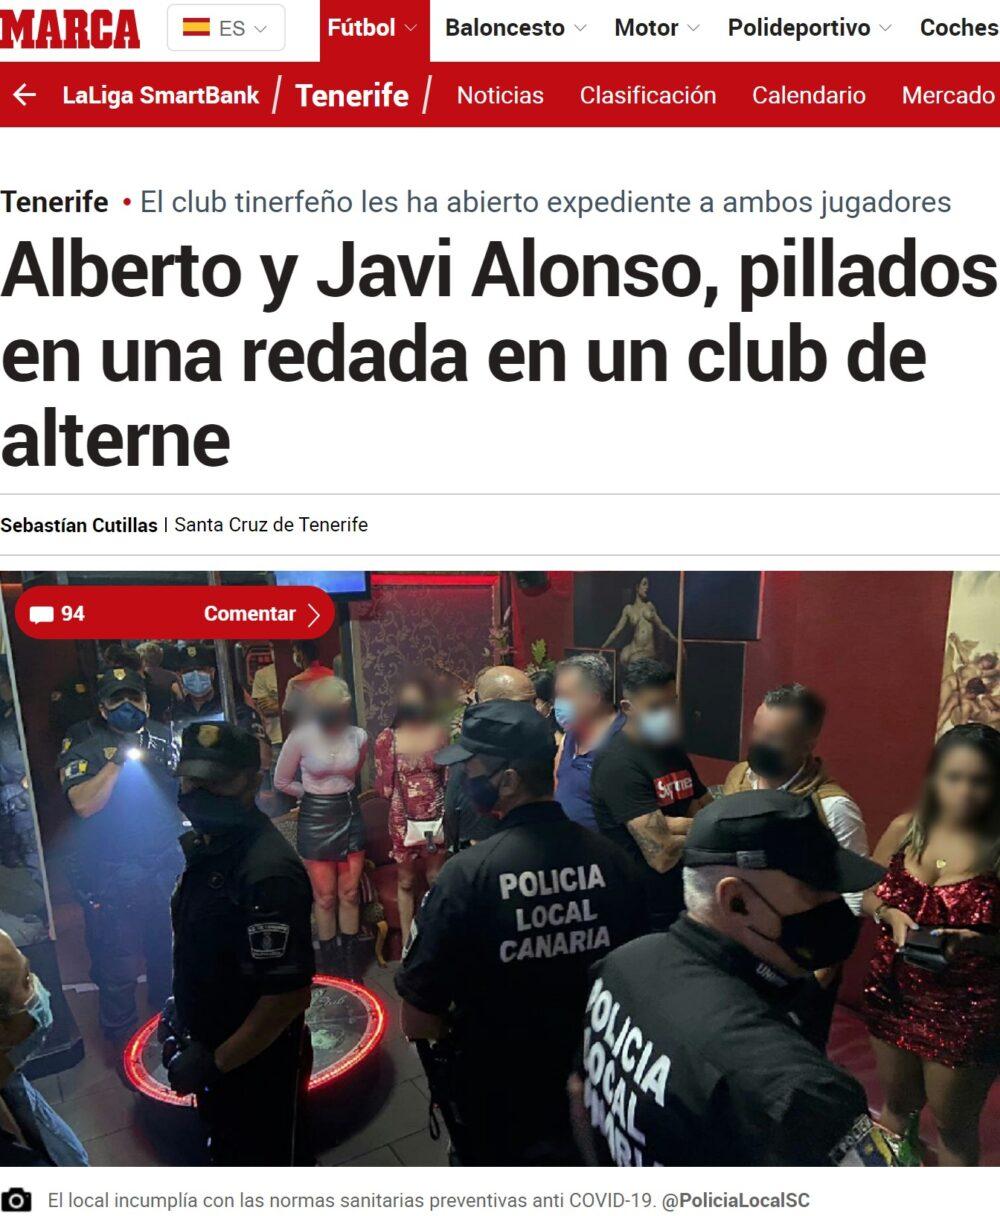 Dos jugadores del Tenerife pillados la redada a un club de alterne